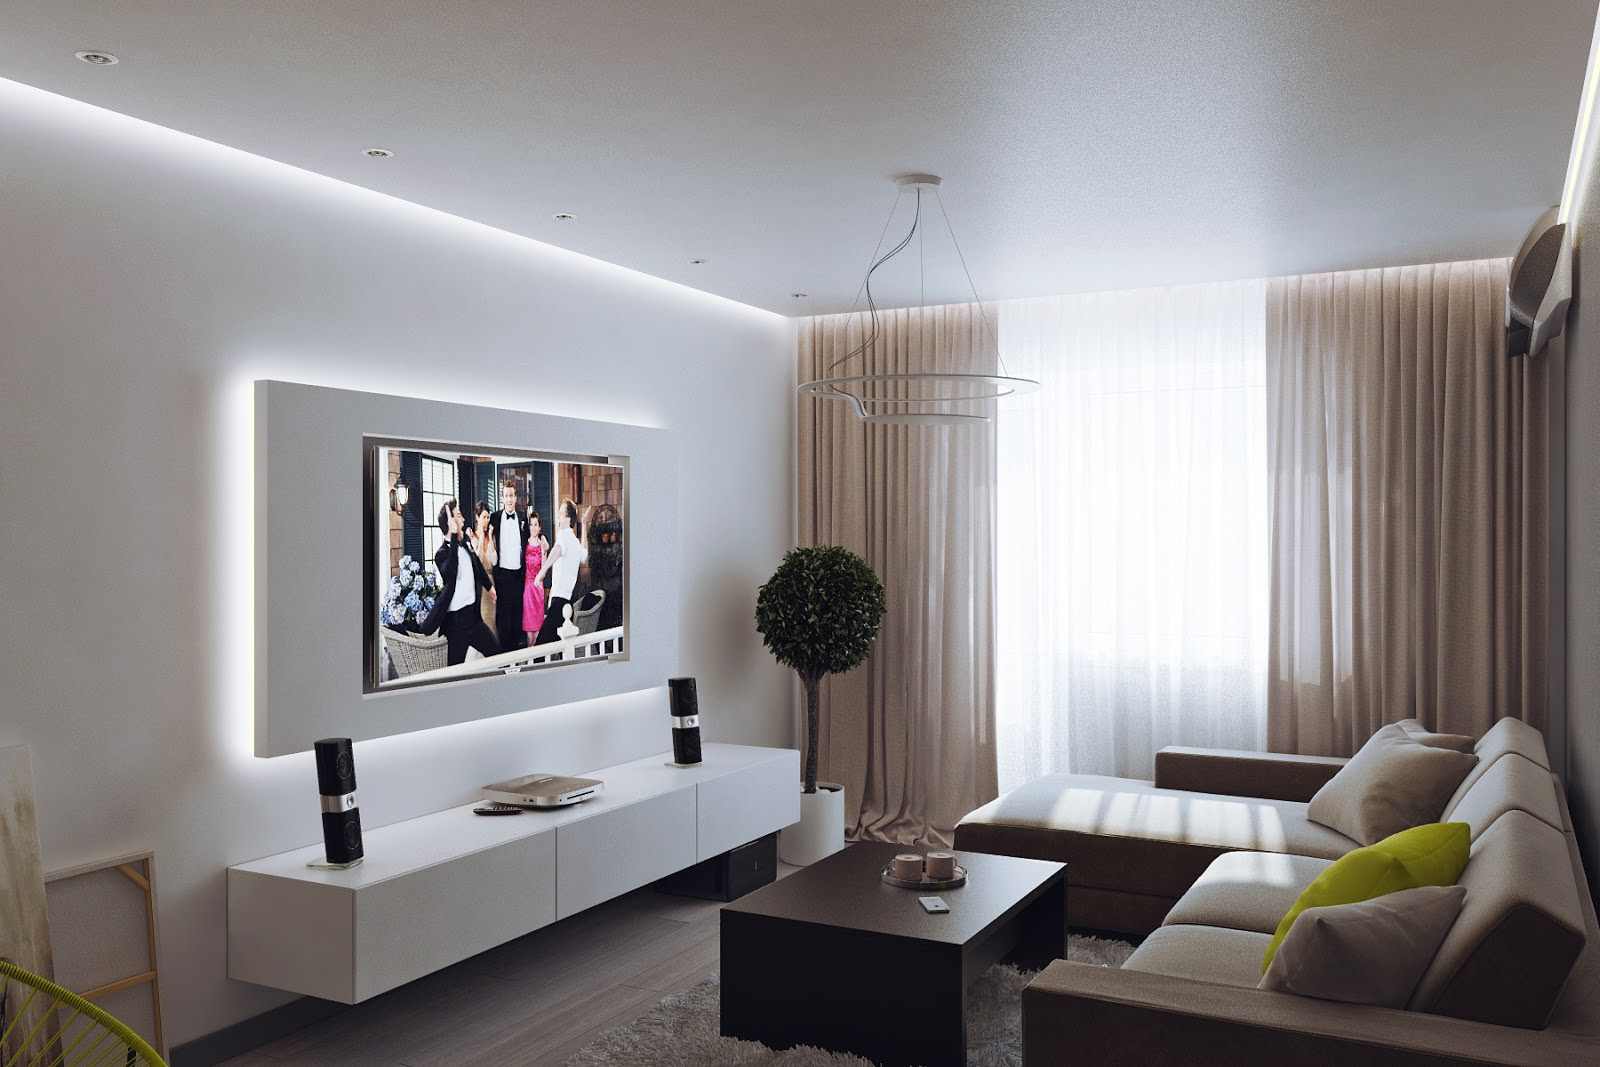 interer dvukhkomnatnoj kvartiry8 - Идеи интерьера трехкомнатной квартиры